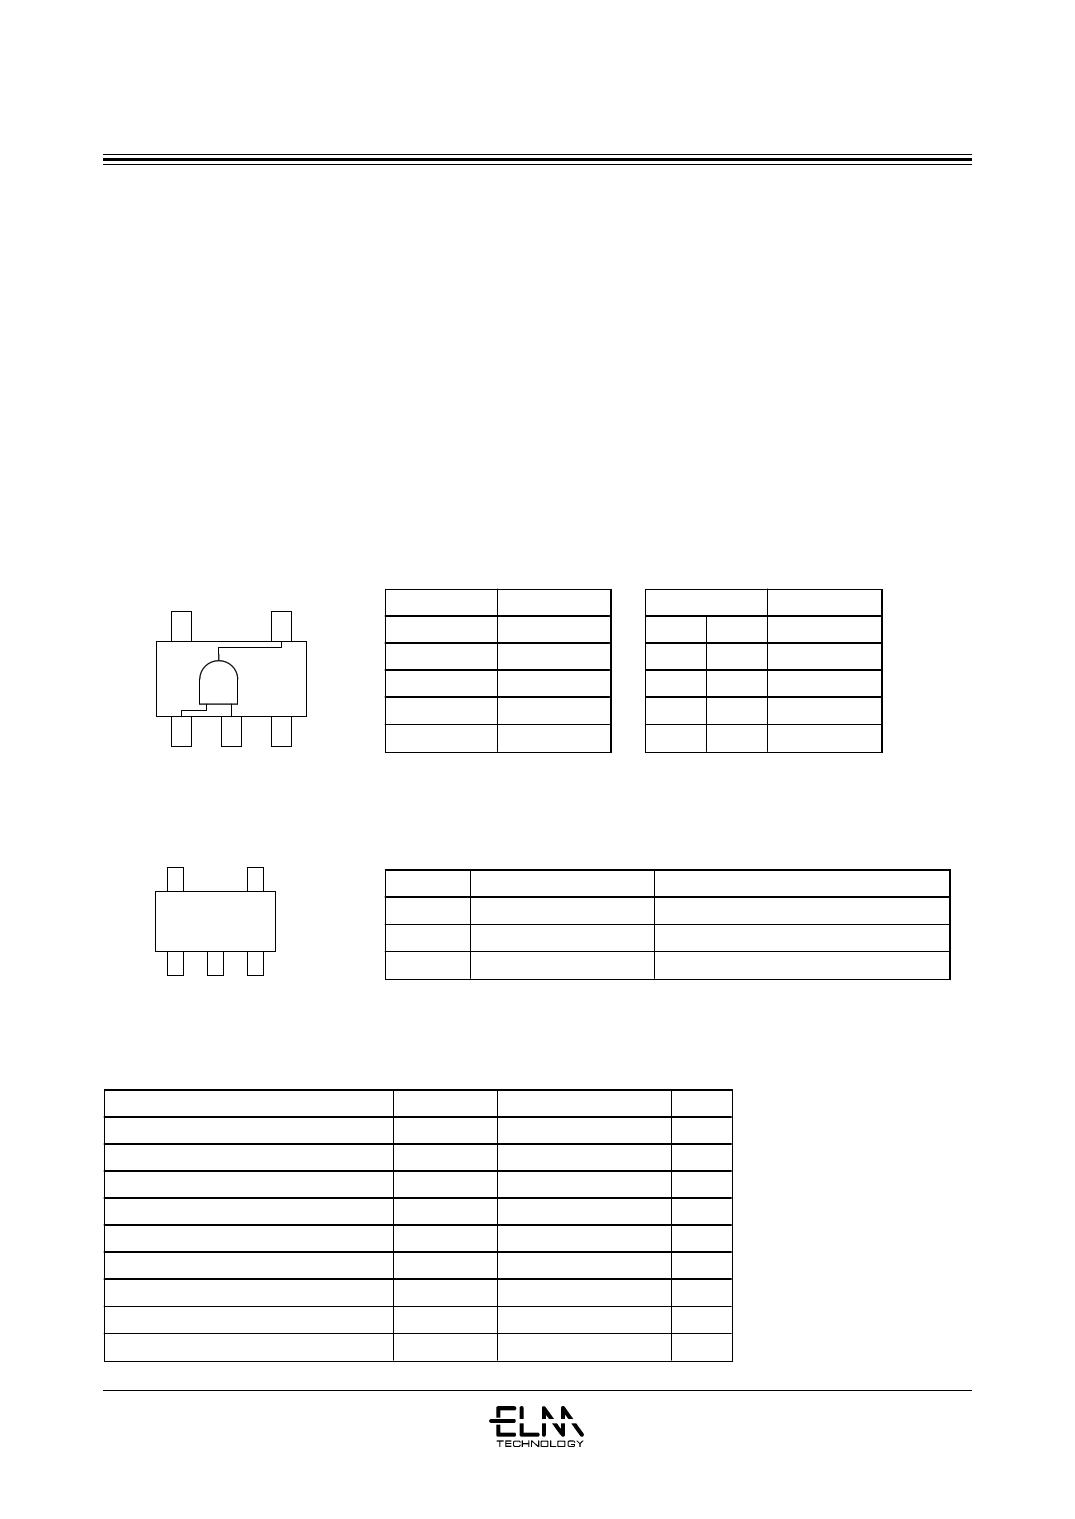 ELM7S00B 電子部品, 半導体